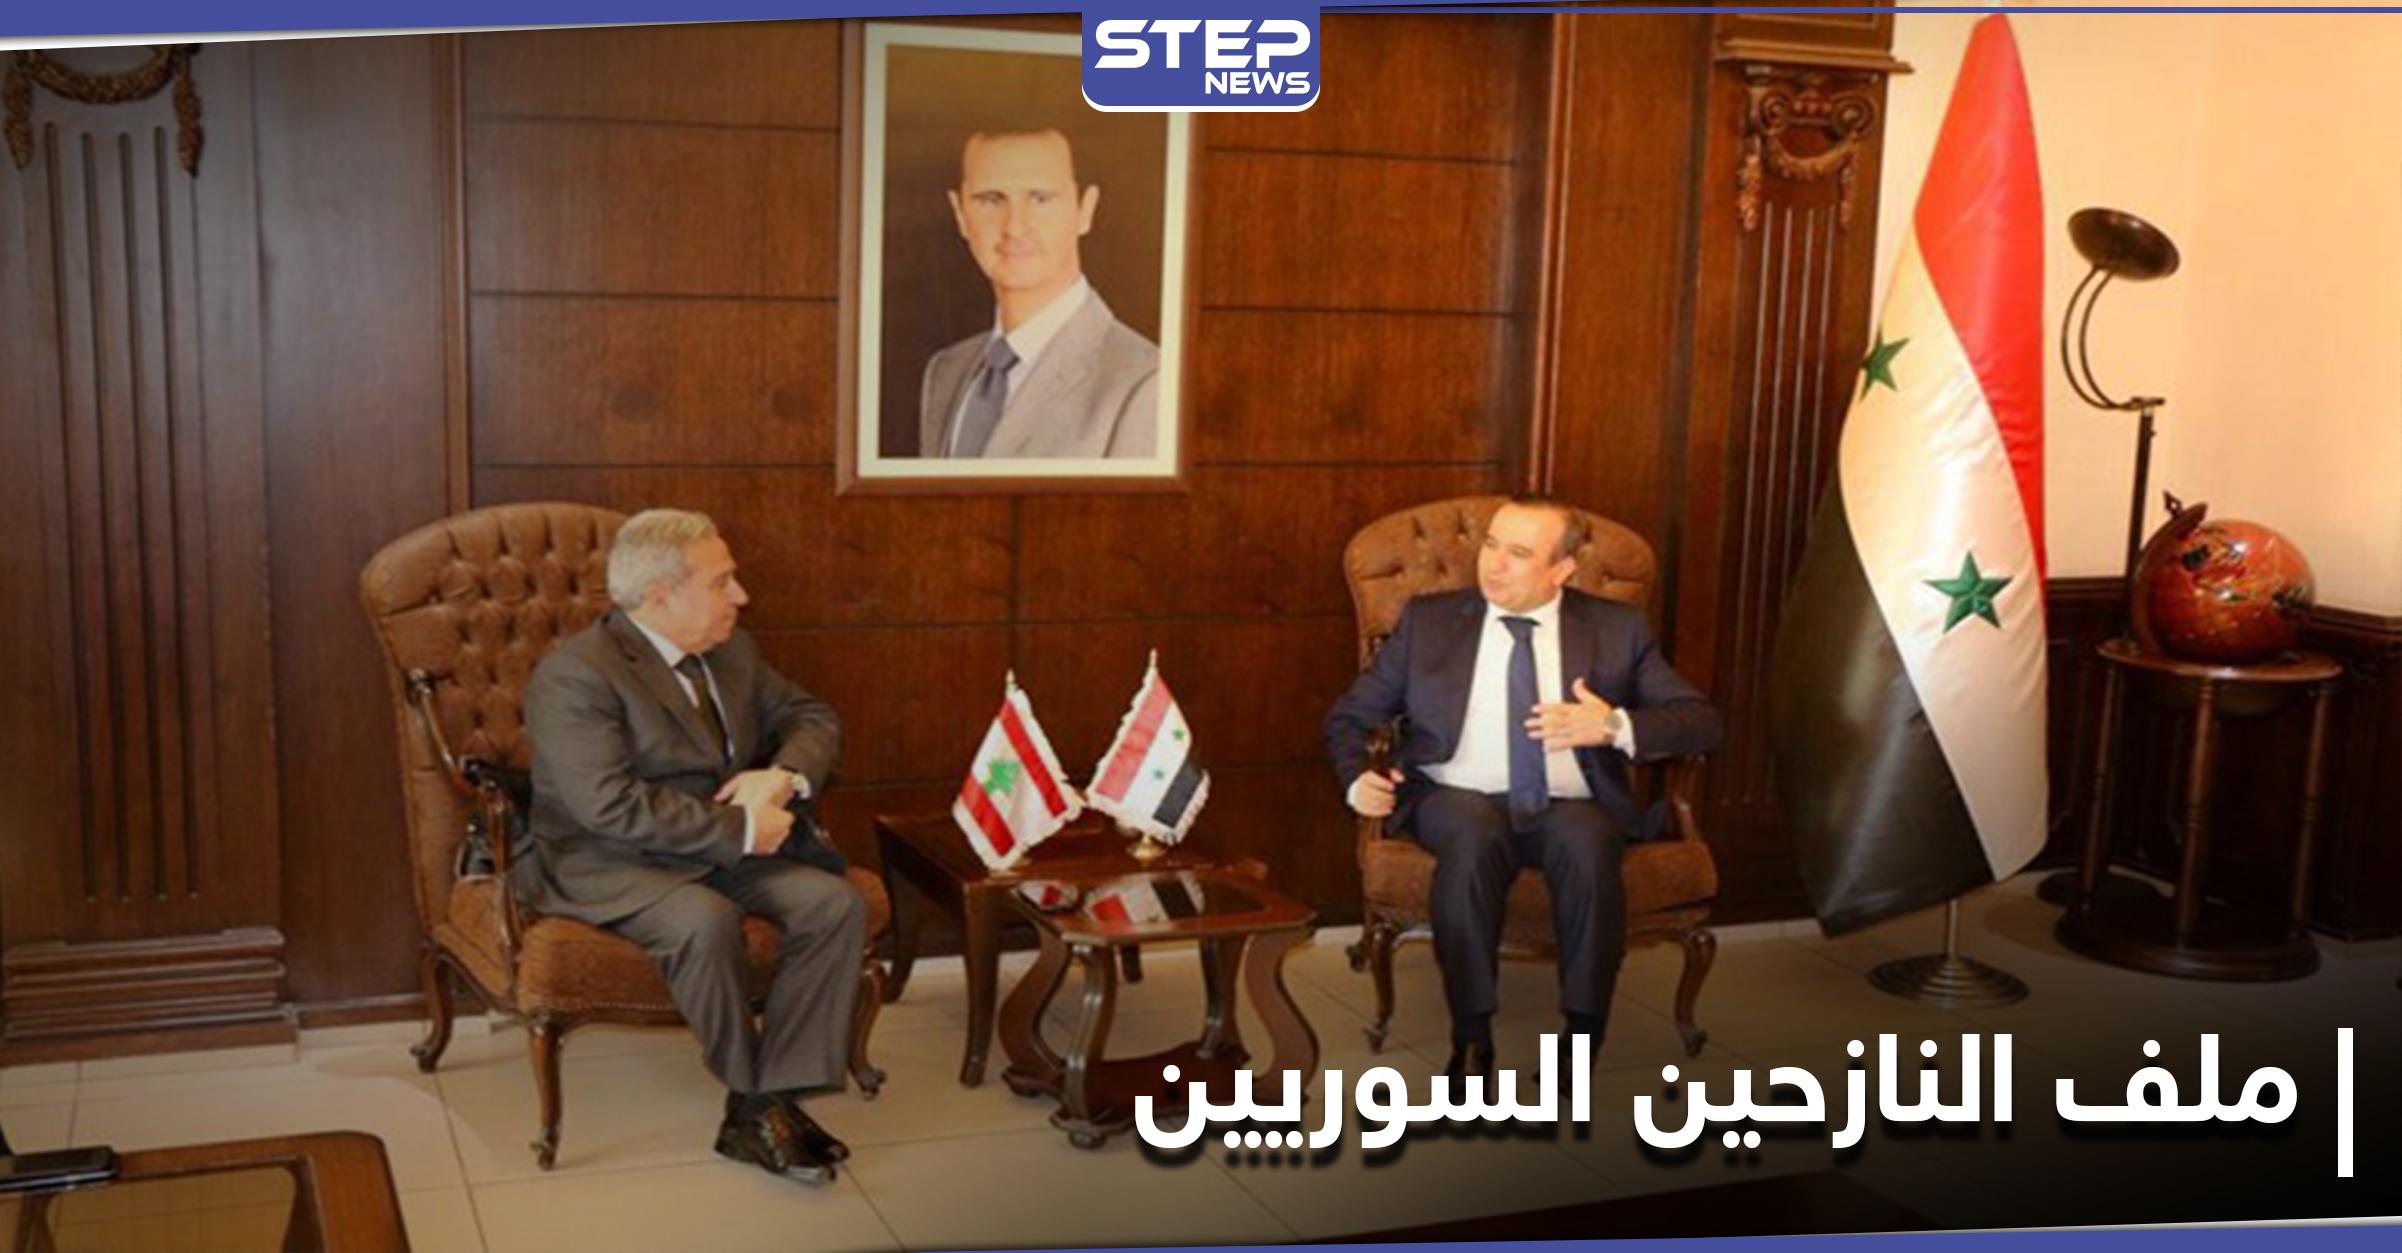 وزير لبناني إلى دمشق ... ملف النازحين السوريين وخطة عودتهم لبلادهم أولوية في المناقشات